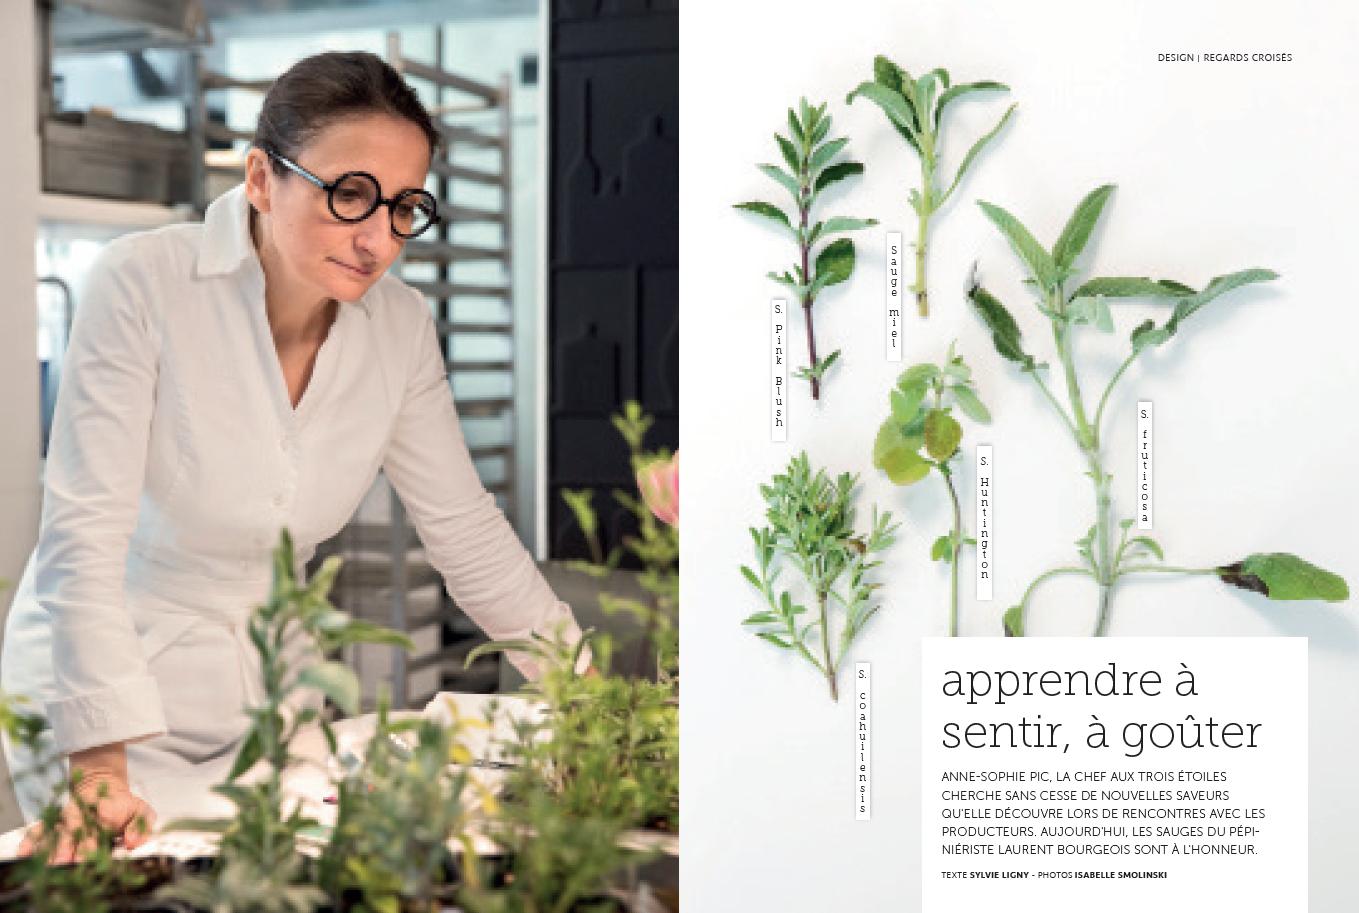 Anne Sophie Pic plantes aromatiques